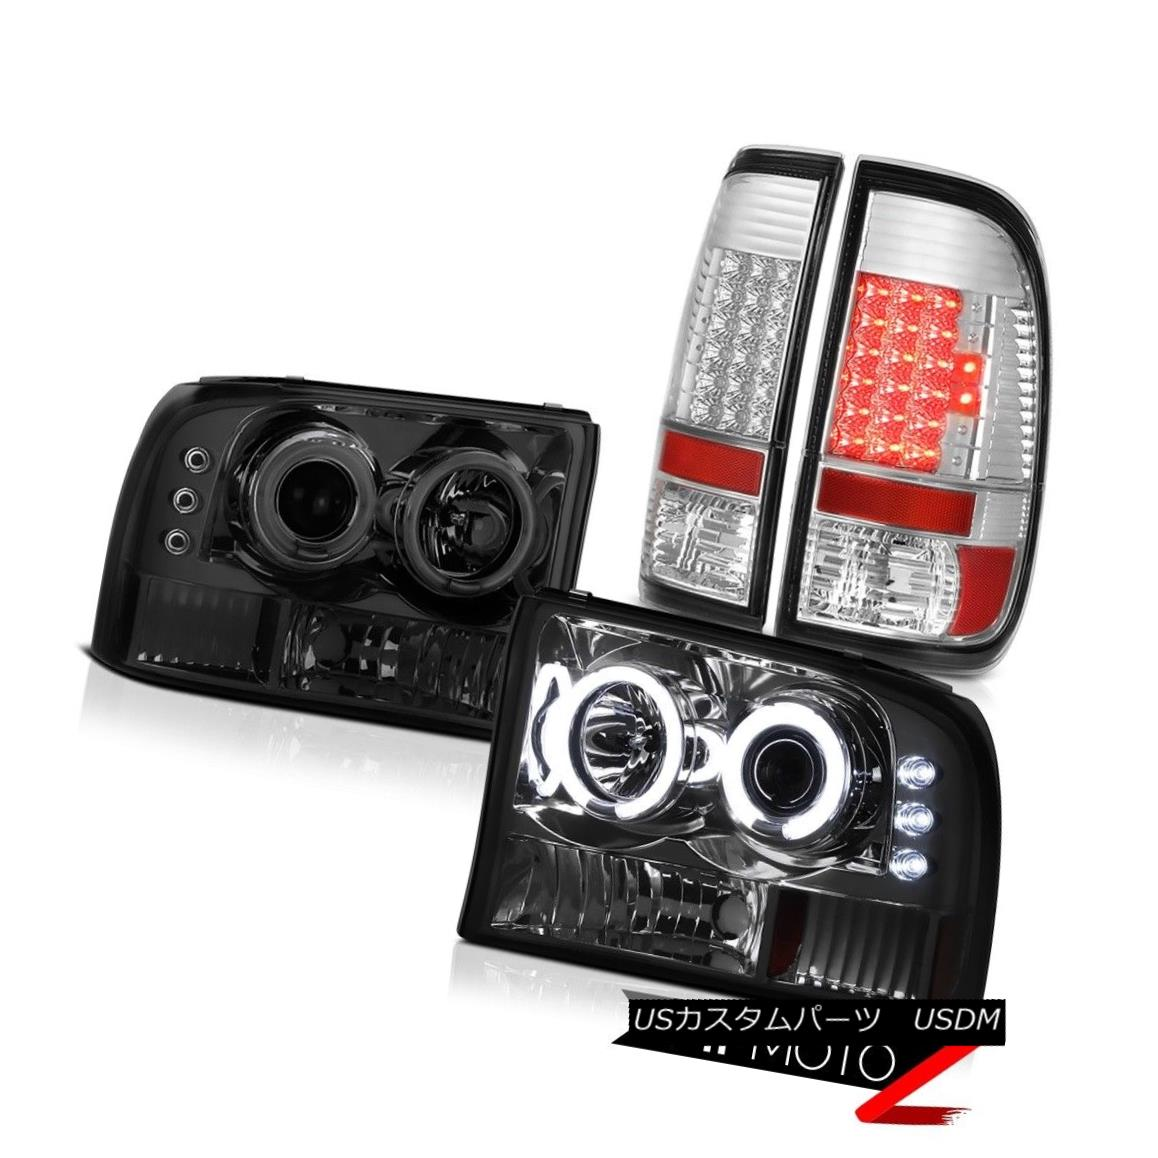 ヘッドライト Tinted CCFL Rim Projector Headlights Chrome LED Taillights 1999-2004 Ford F350 ティンテッドCCFLリムプロジェクターヘッドライトクロームLEDテールライト1999-2004 Ford F350